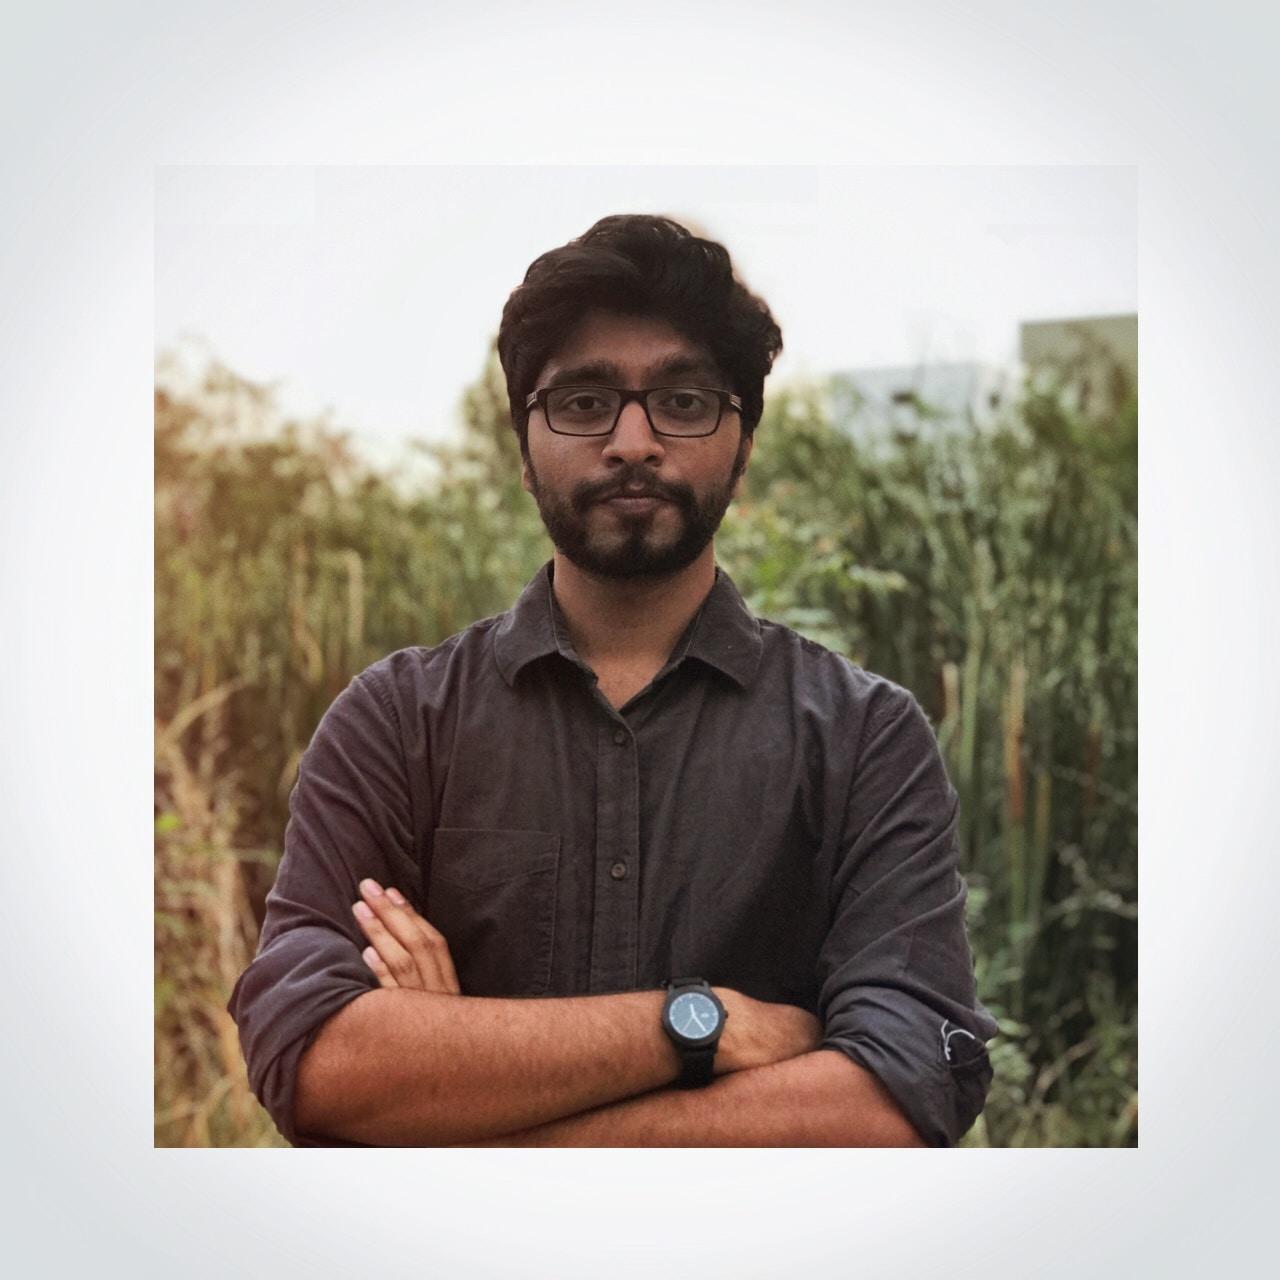 Go to Ashish Peddada's profile